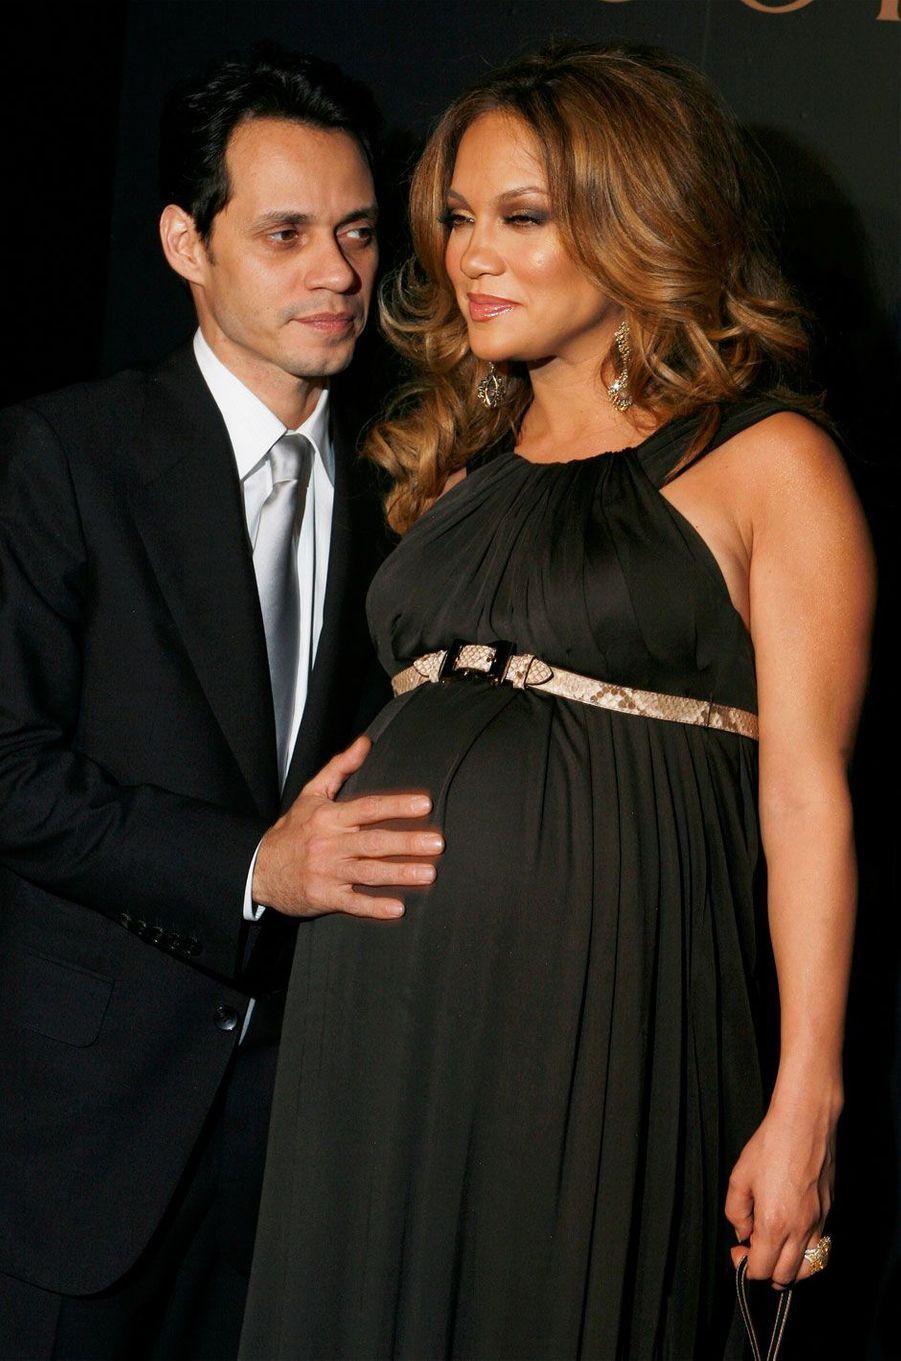 Jennifer Lopez et Marc Anthony (2008)Jennifer Lopez est enceinte des jumeaux, Max et Emme.